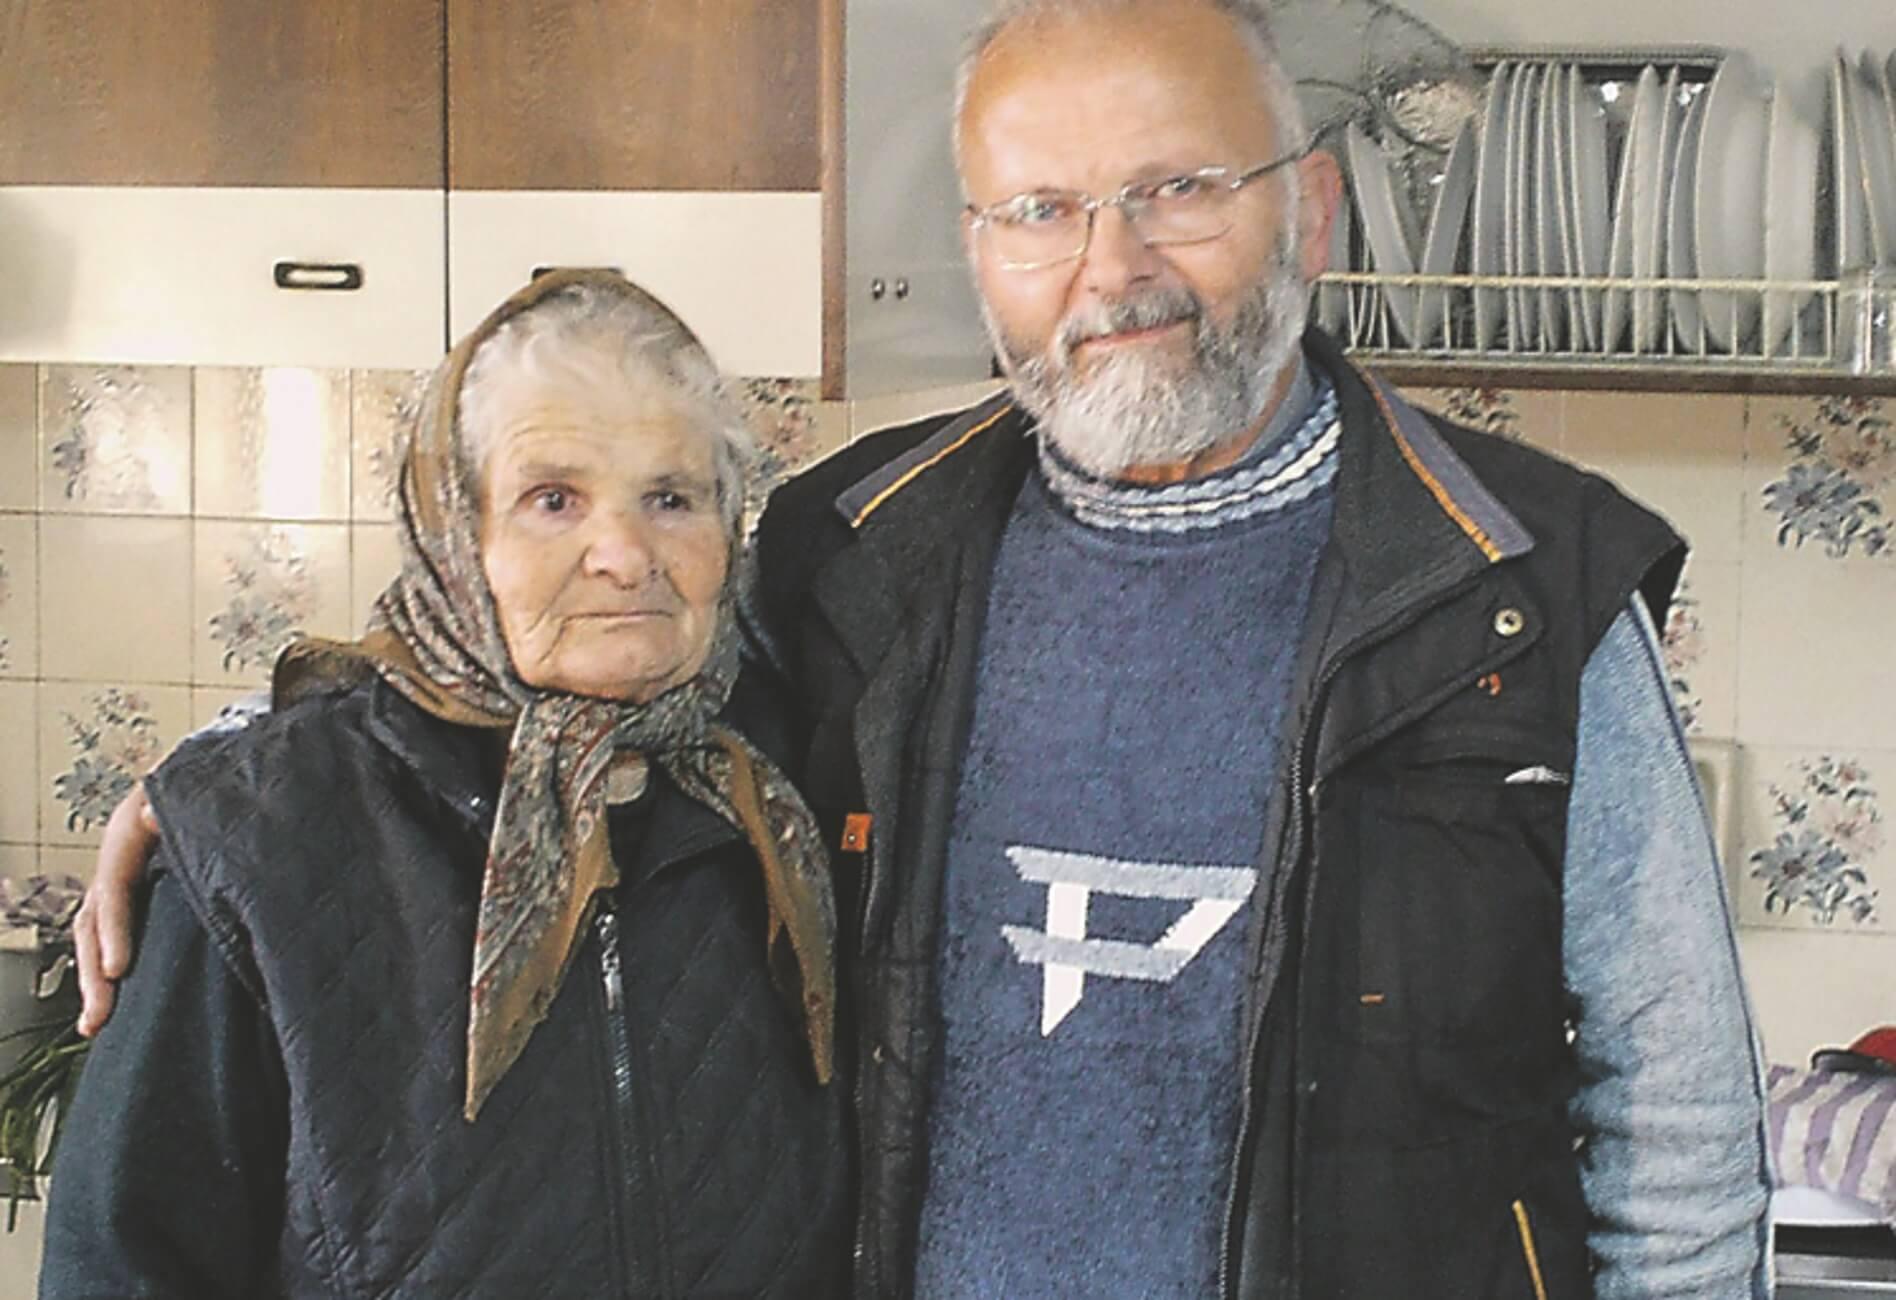 """Κατερίνη: Η γιαγιά που συνελήφθη σε λαϊκή αγορά αποκαλύπτεται – """"Αυτά θα πω στον πρόεδρο του δικαστηρίου"""" [pics]"""